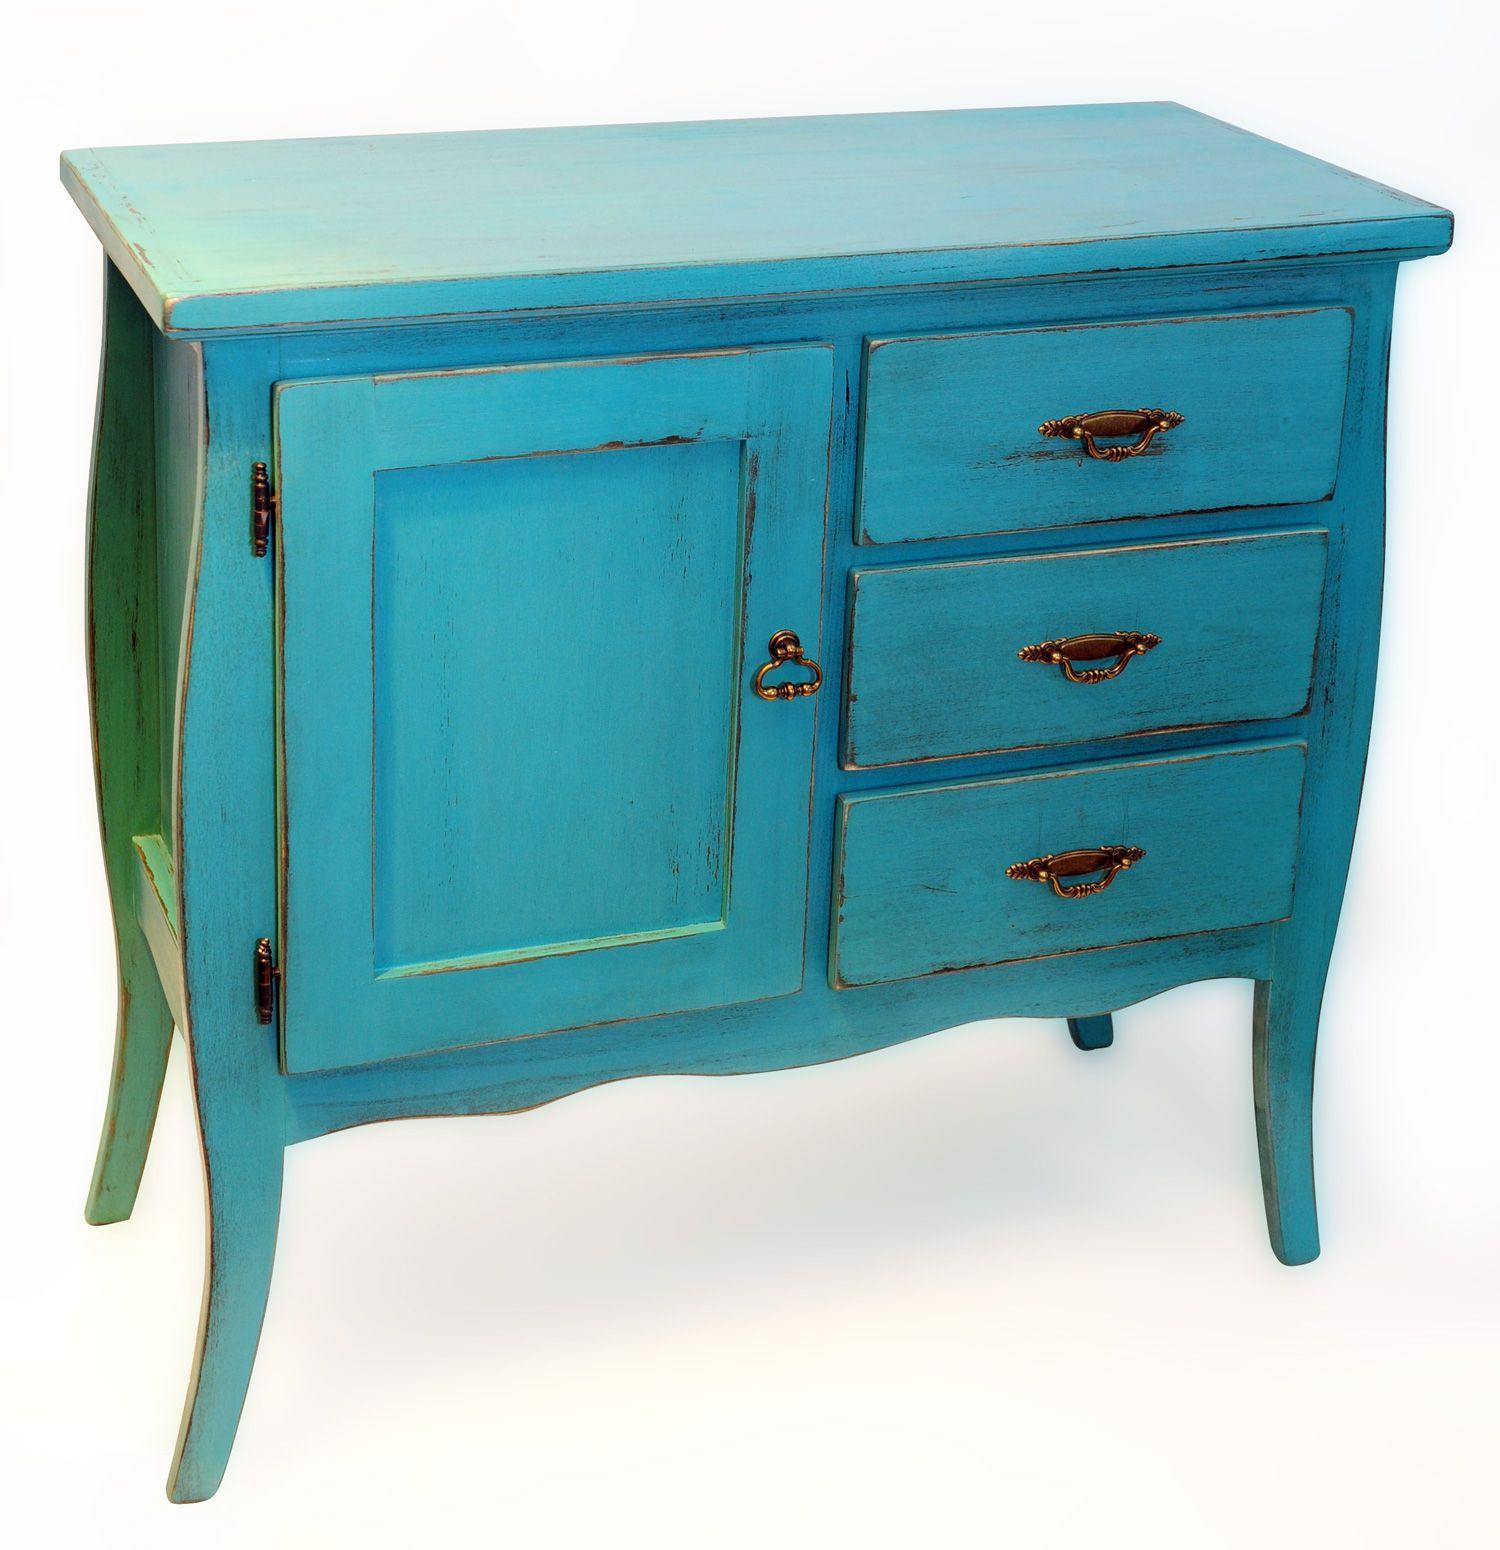 Comoda vintage impecable mueble estilo vintage patinado - Colores vintage para muebles ...